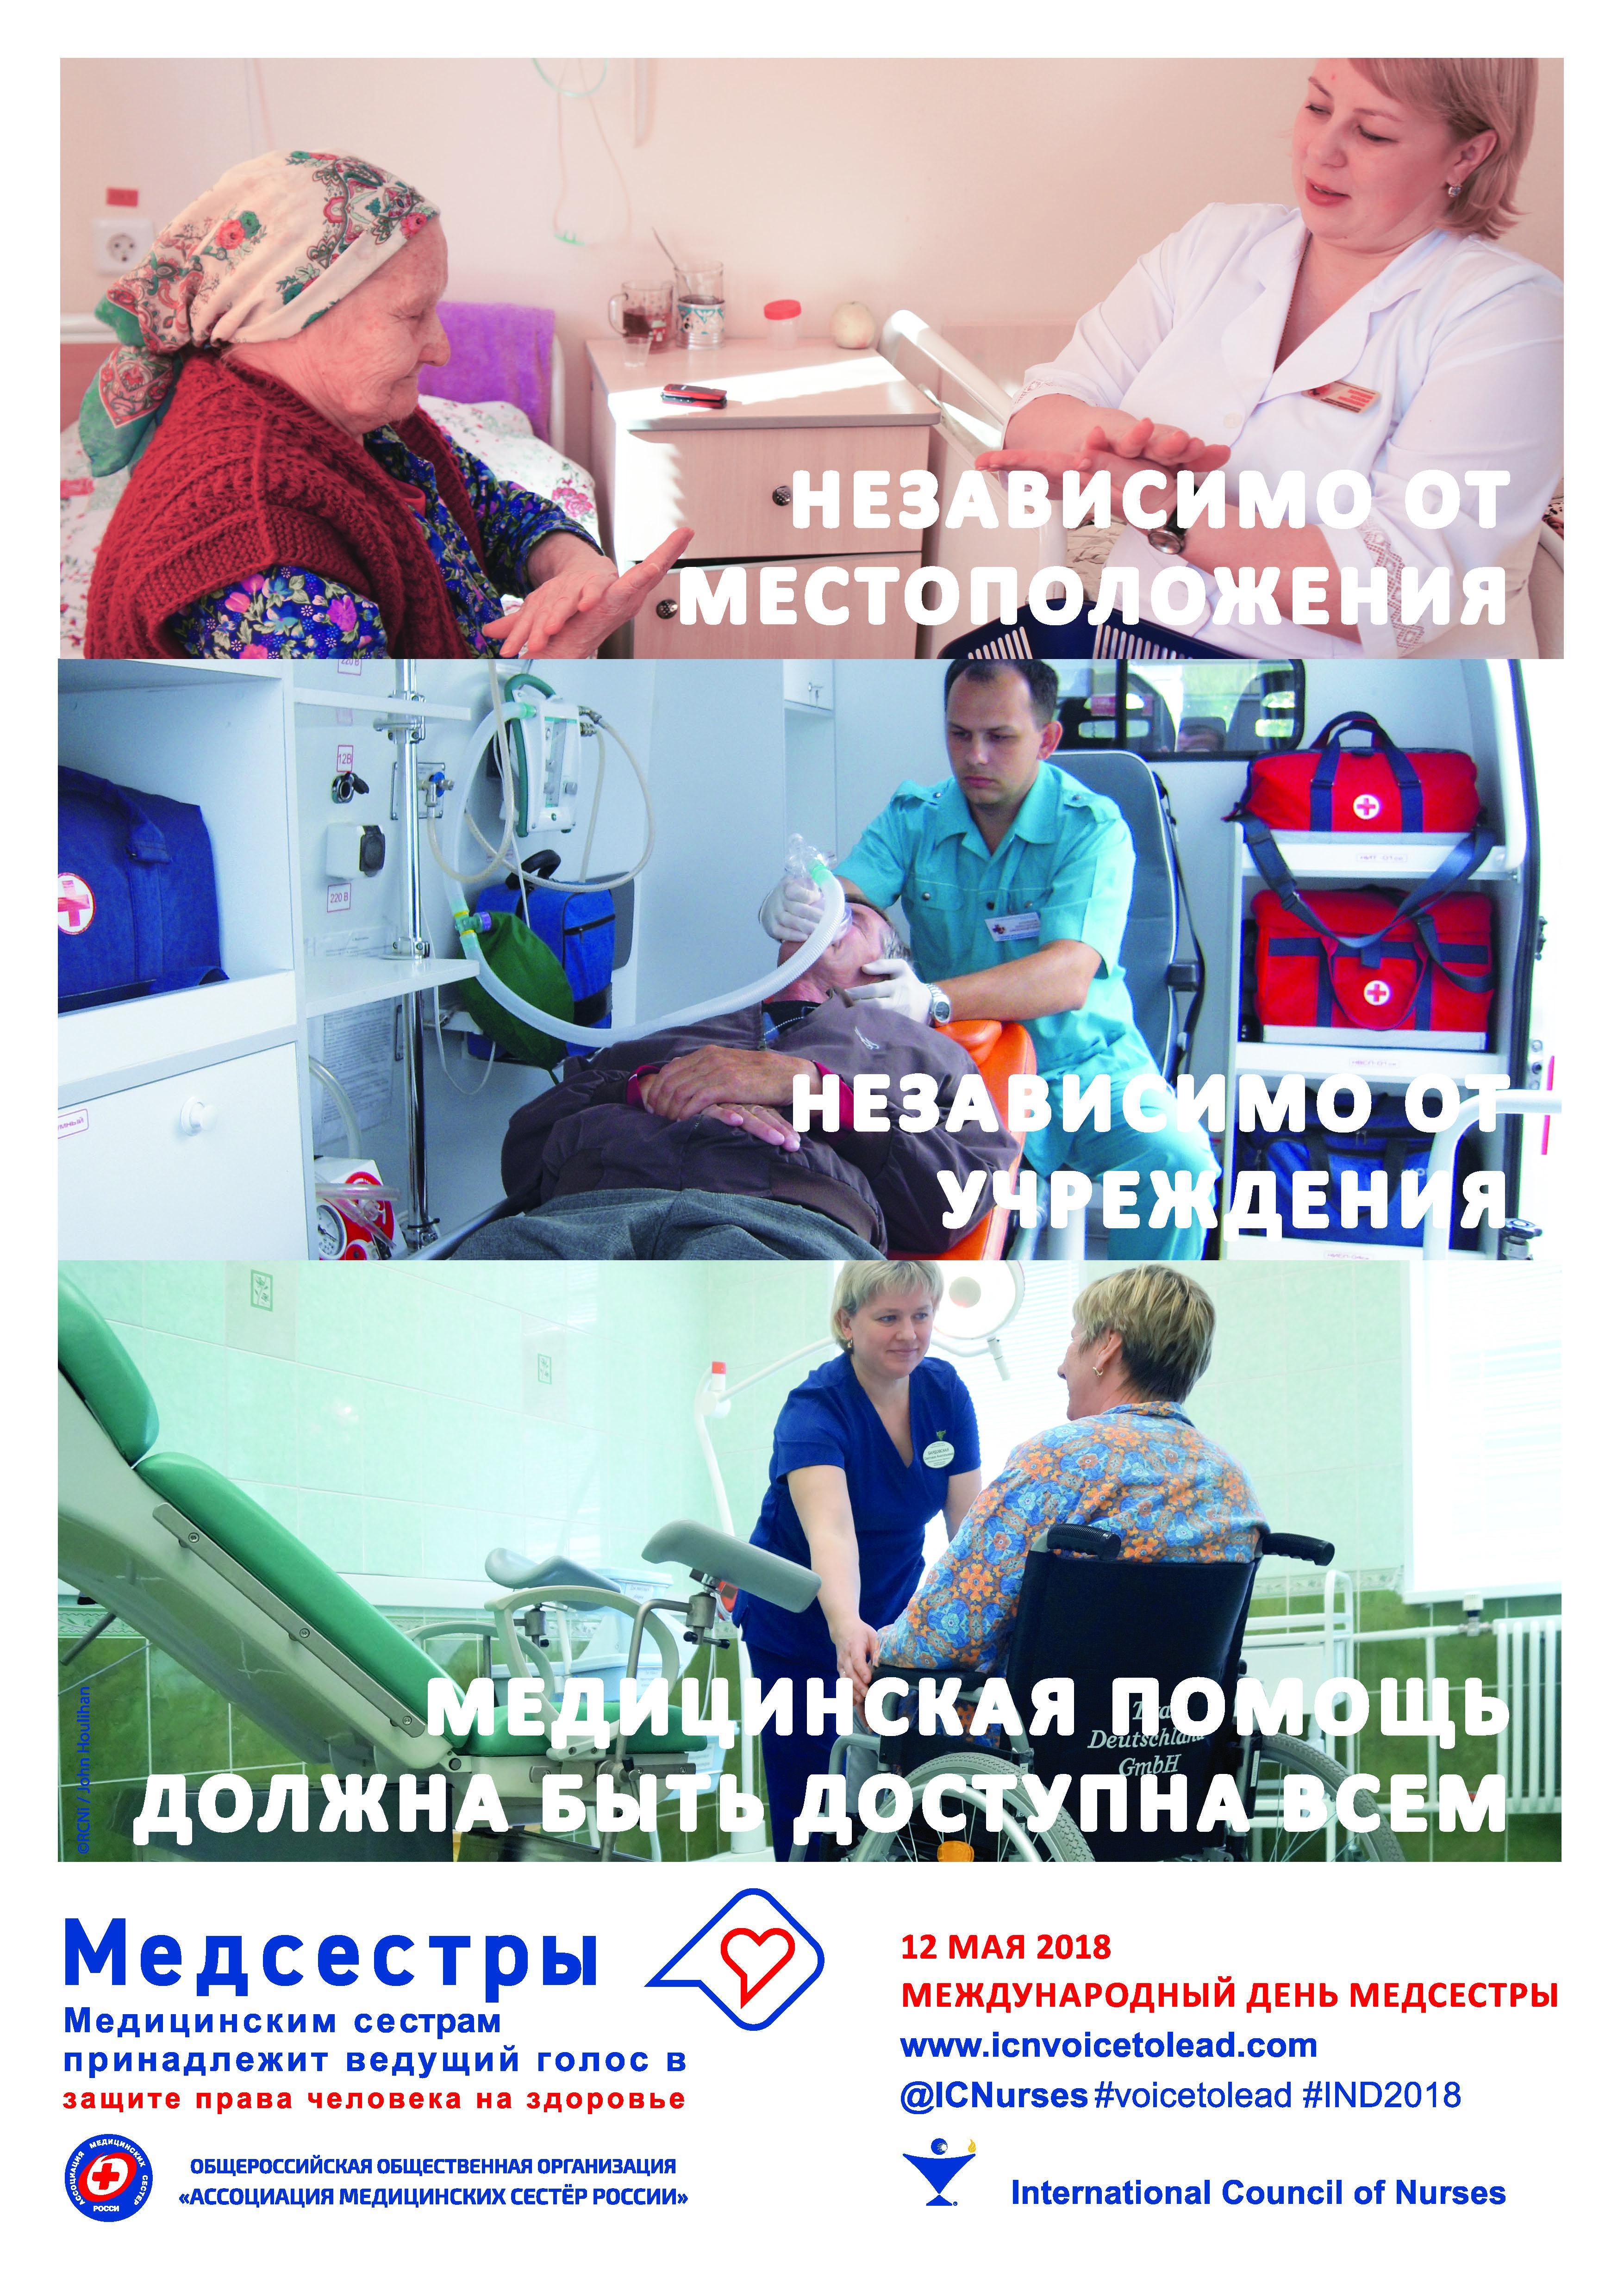 Международный день медицинской сестры 2018